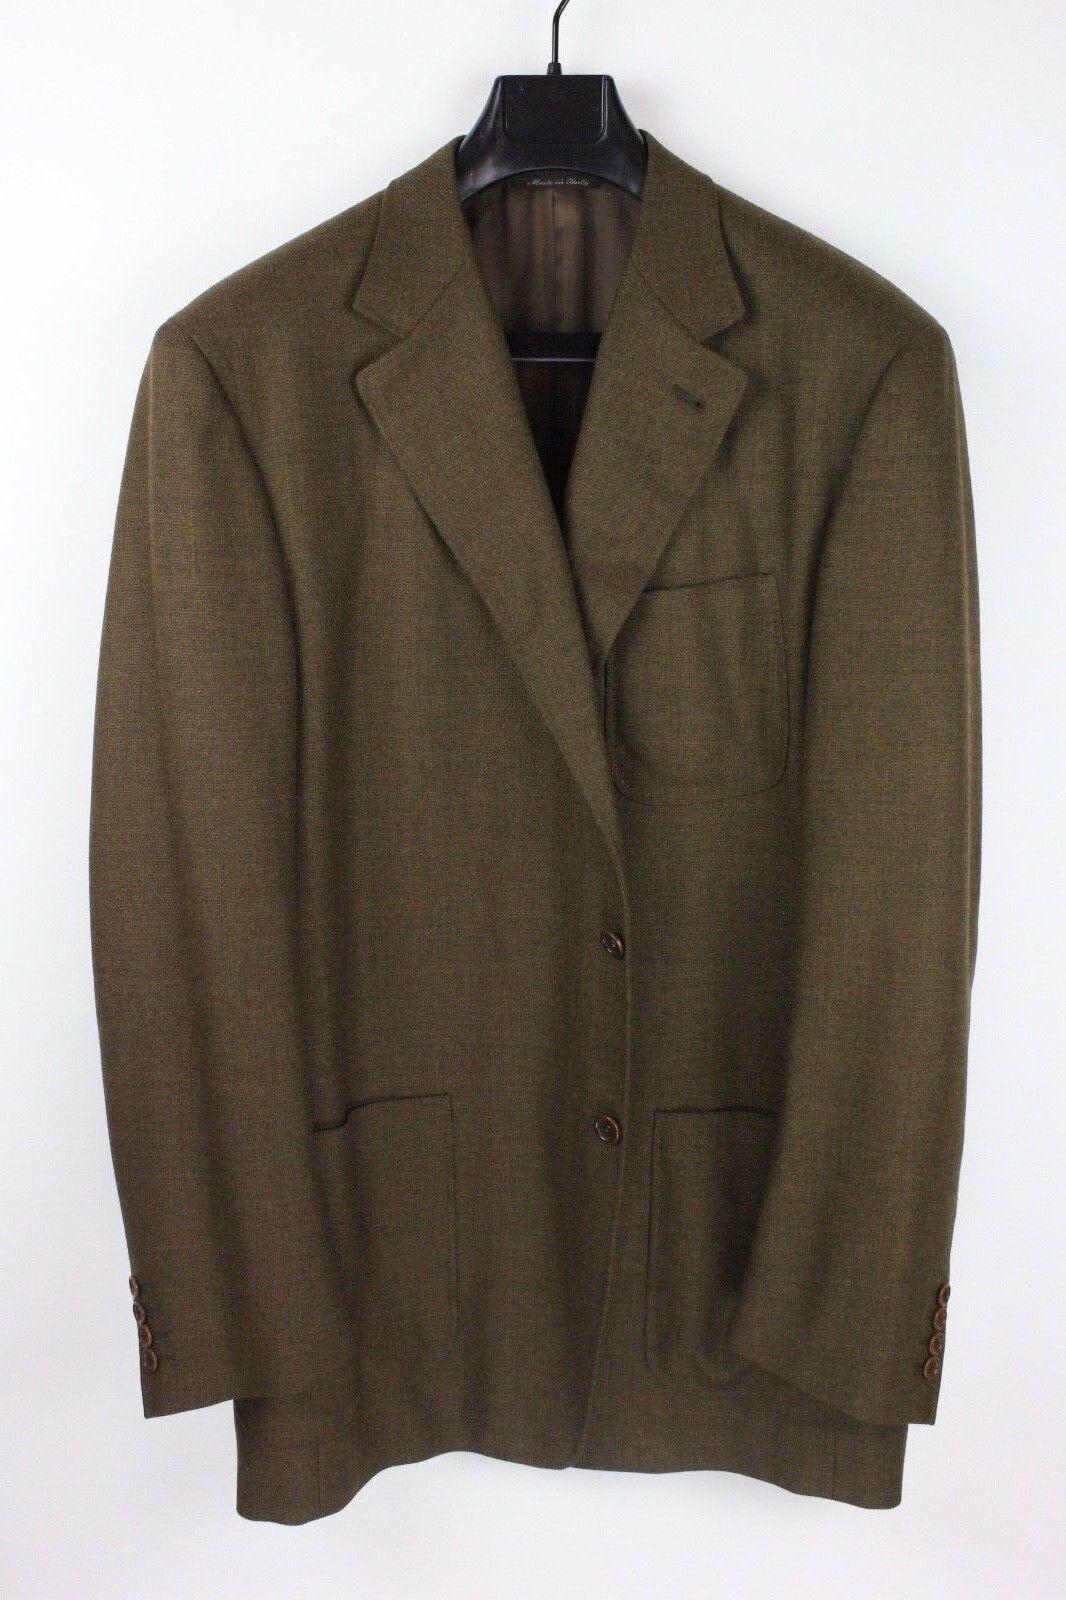 CANALI PROPOSTA Lgold Piana Brown Wool Blazer Sport Coat 46L